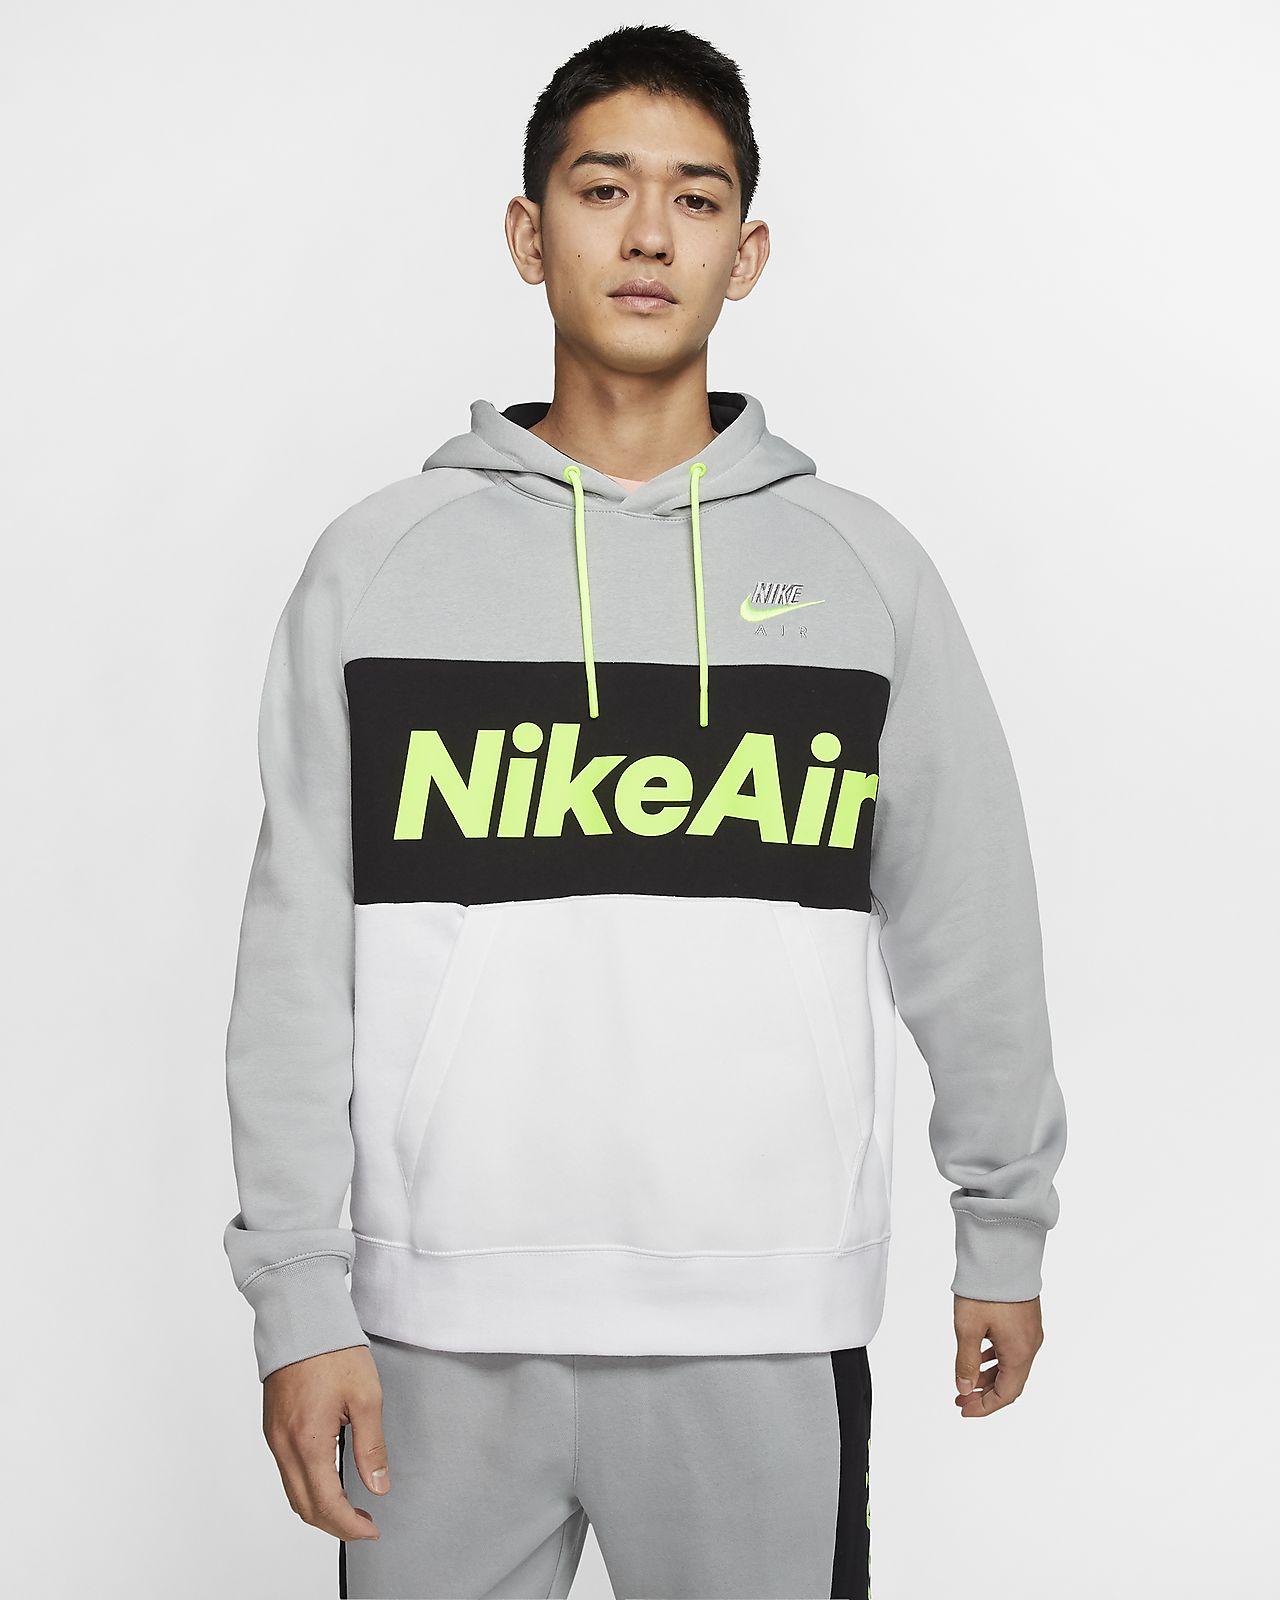 Pánská flísová mikina Nike Air s kapucí